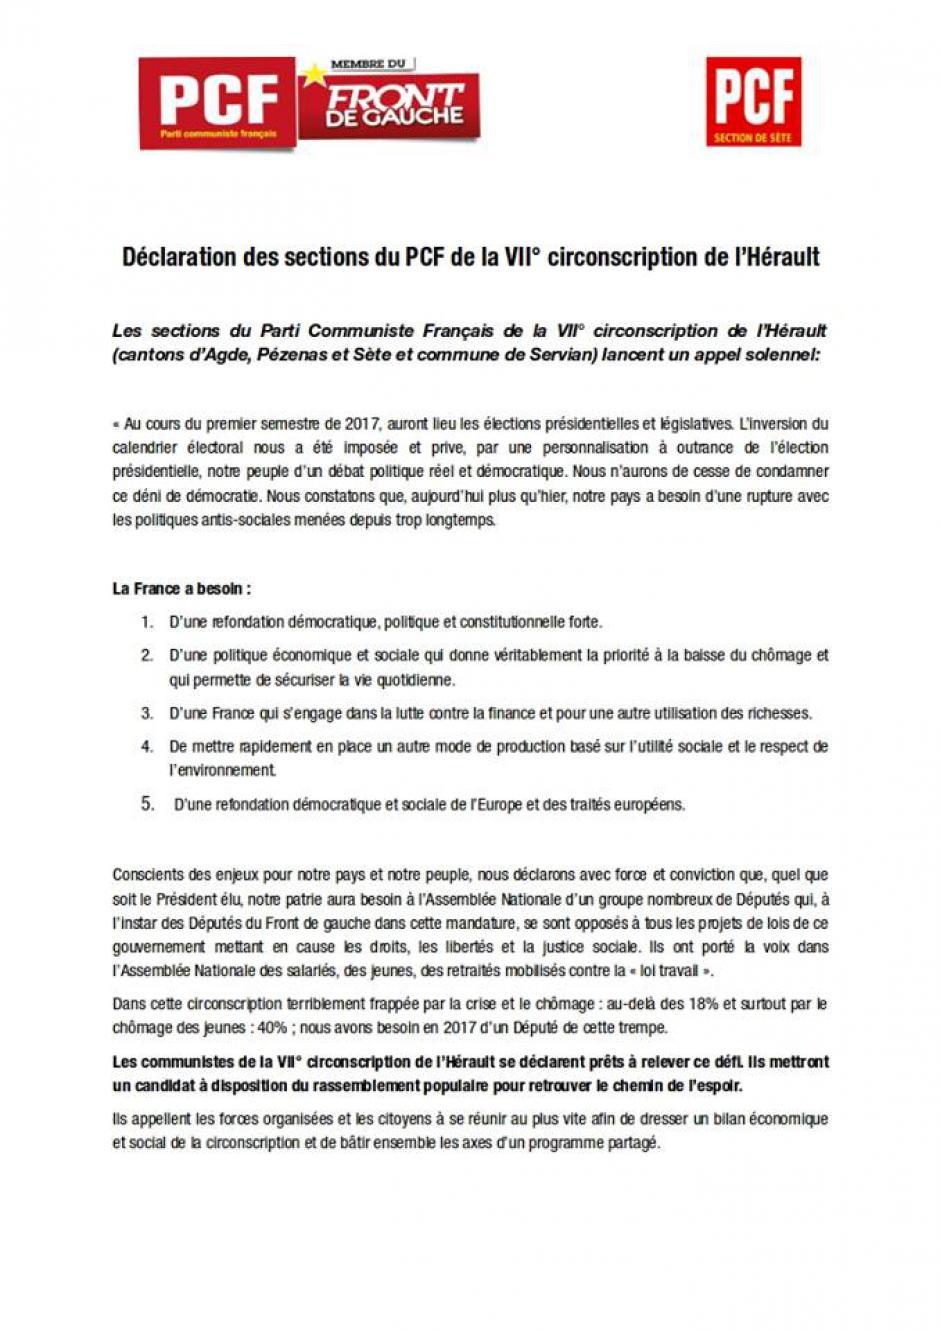 Légilsatives 2017 : Déclaration des sections du PCF de la VII° circonscription de l'Hérault